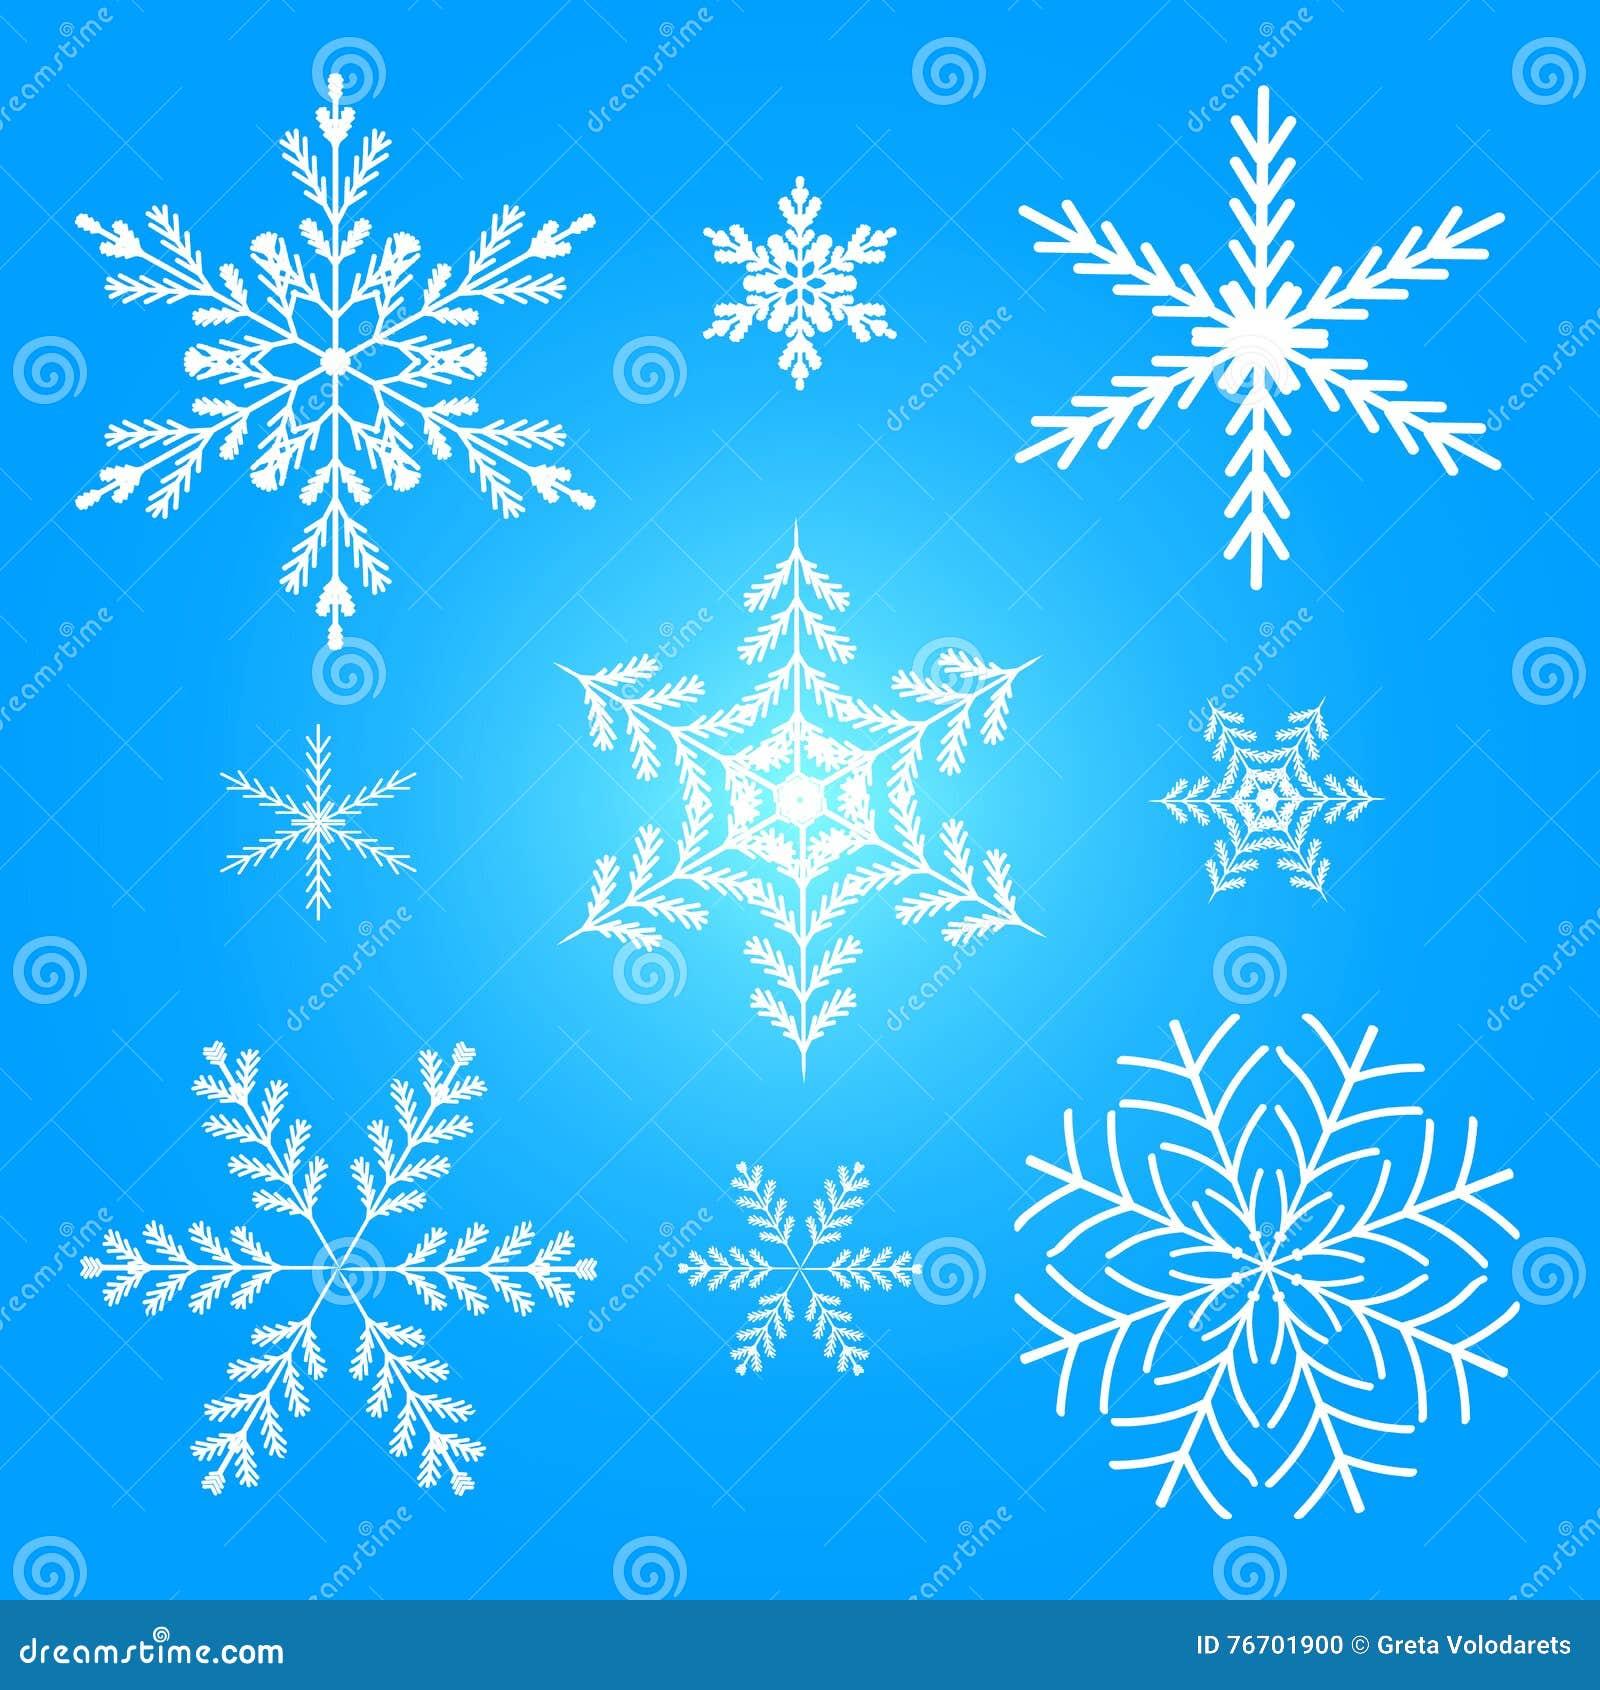 För snowflakevektor för illustration set vinter